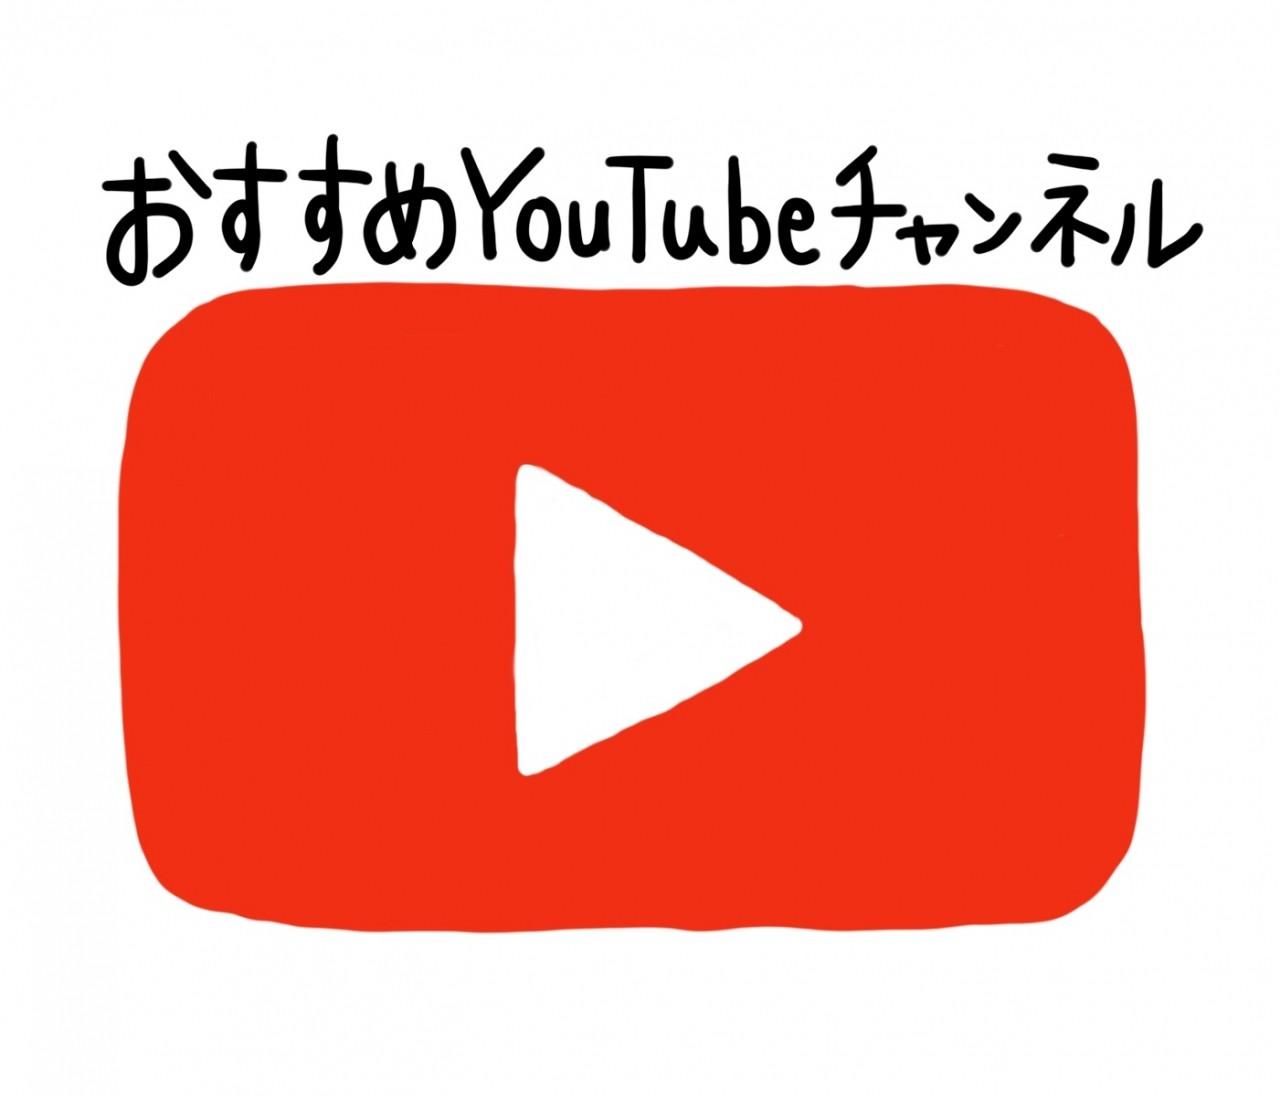 おうち時間のお供に!おすすめYouTubeチャンネル